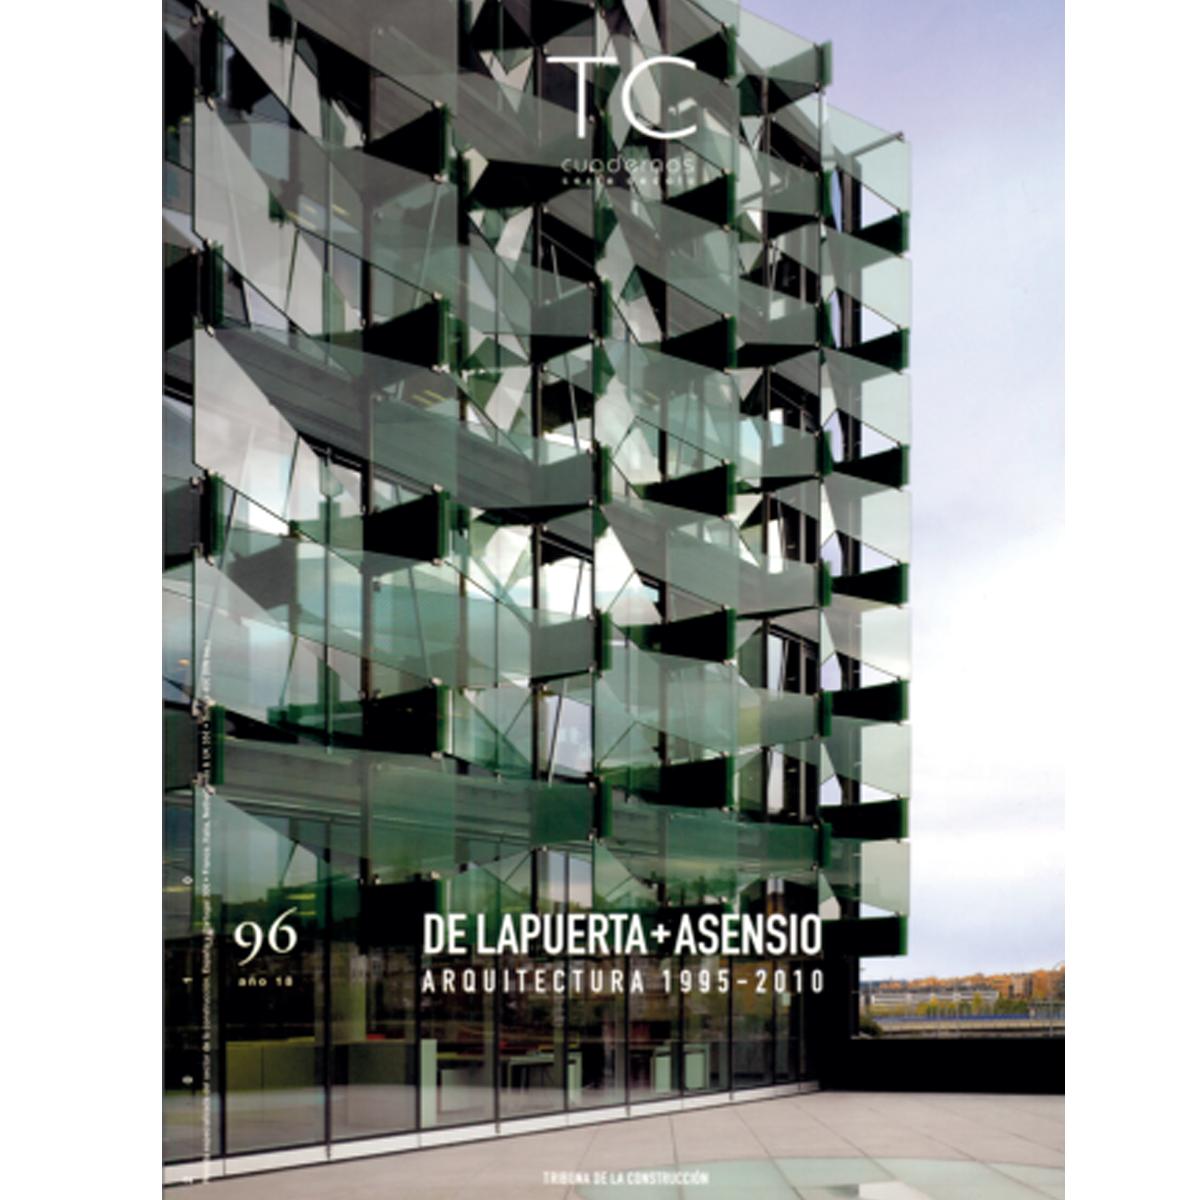 TC Cuadernos: De Lapuerta + Asensio